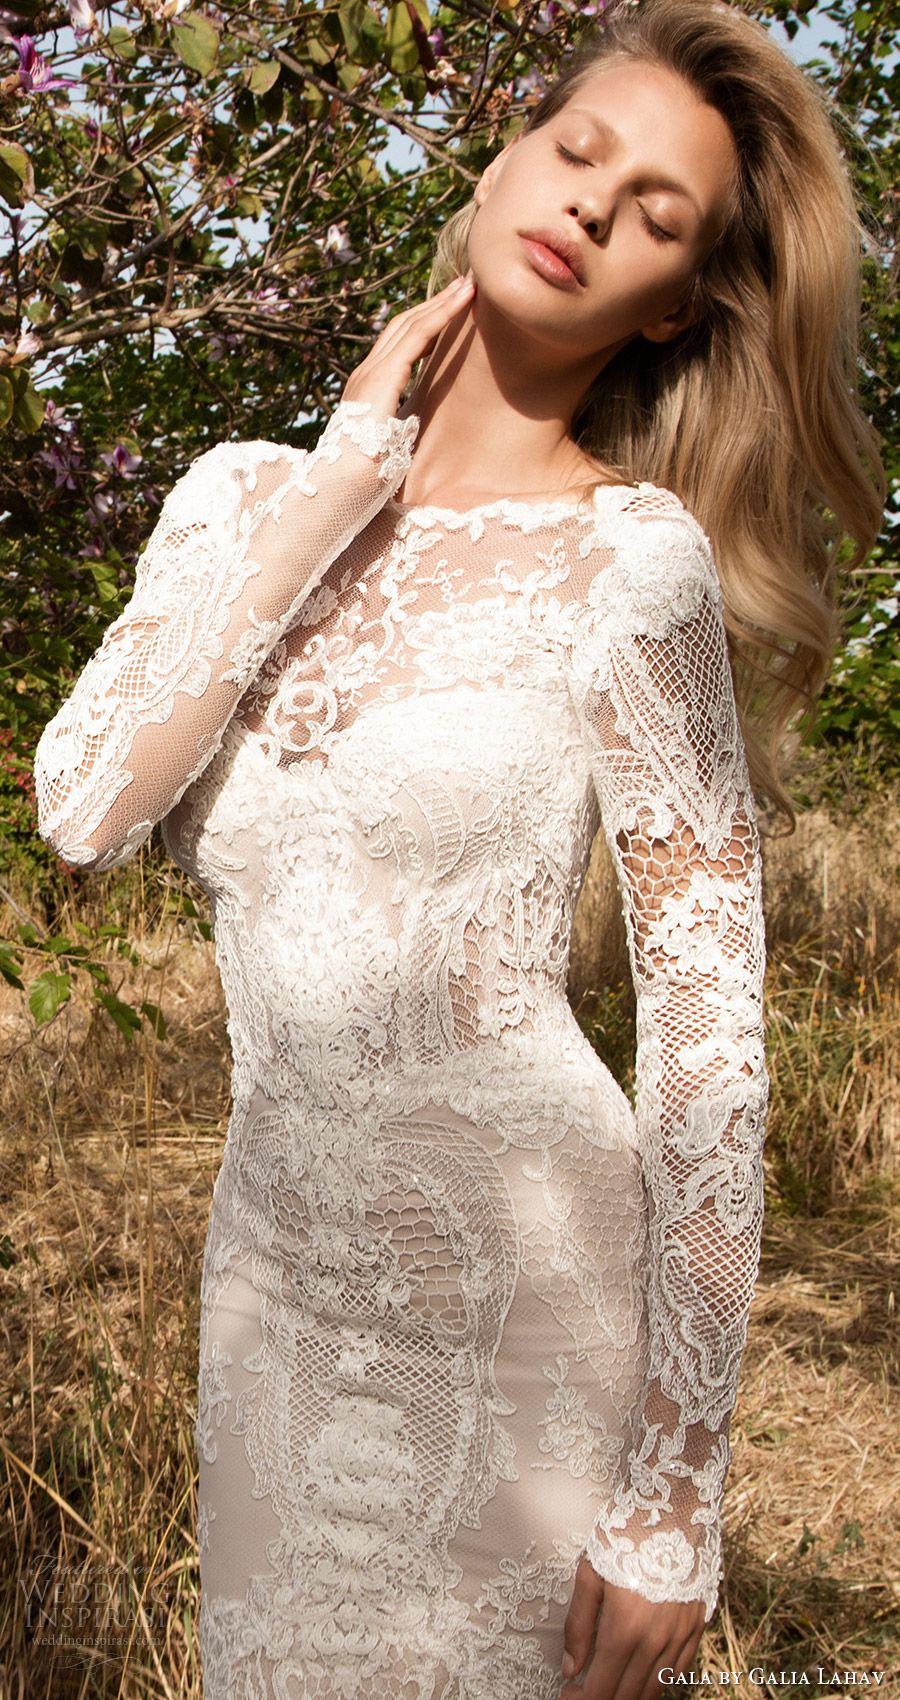 Gala by galia lahav spring wedding dresses u gala no ii bridal